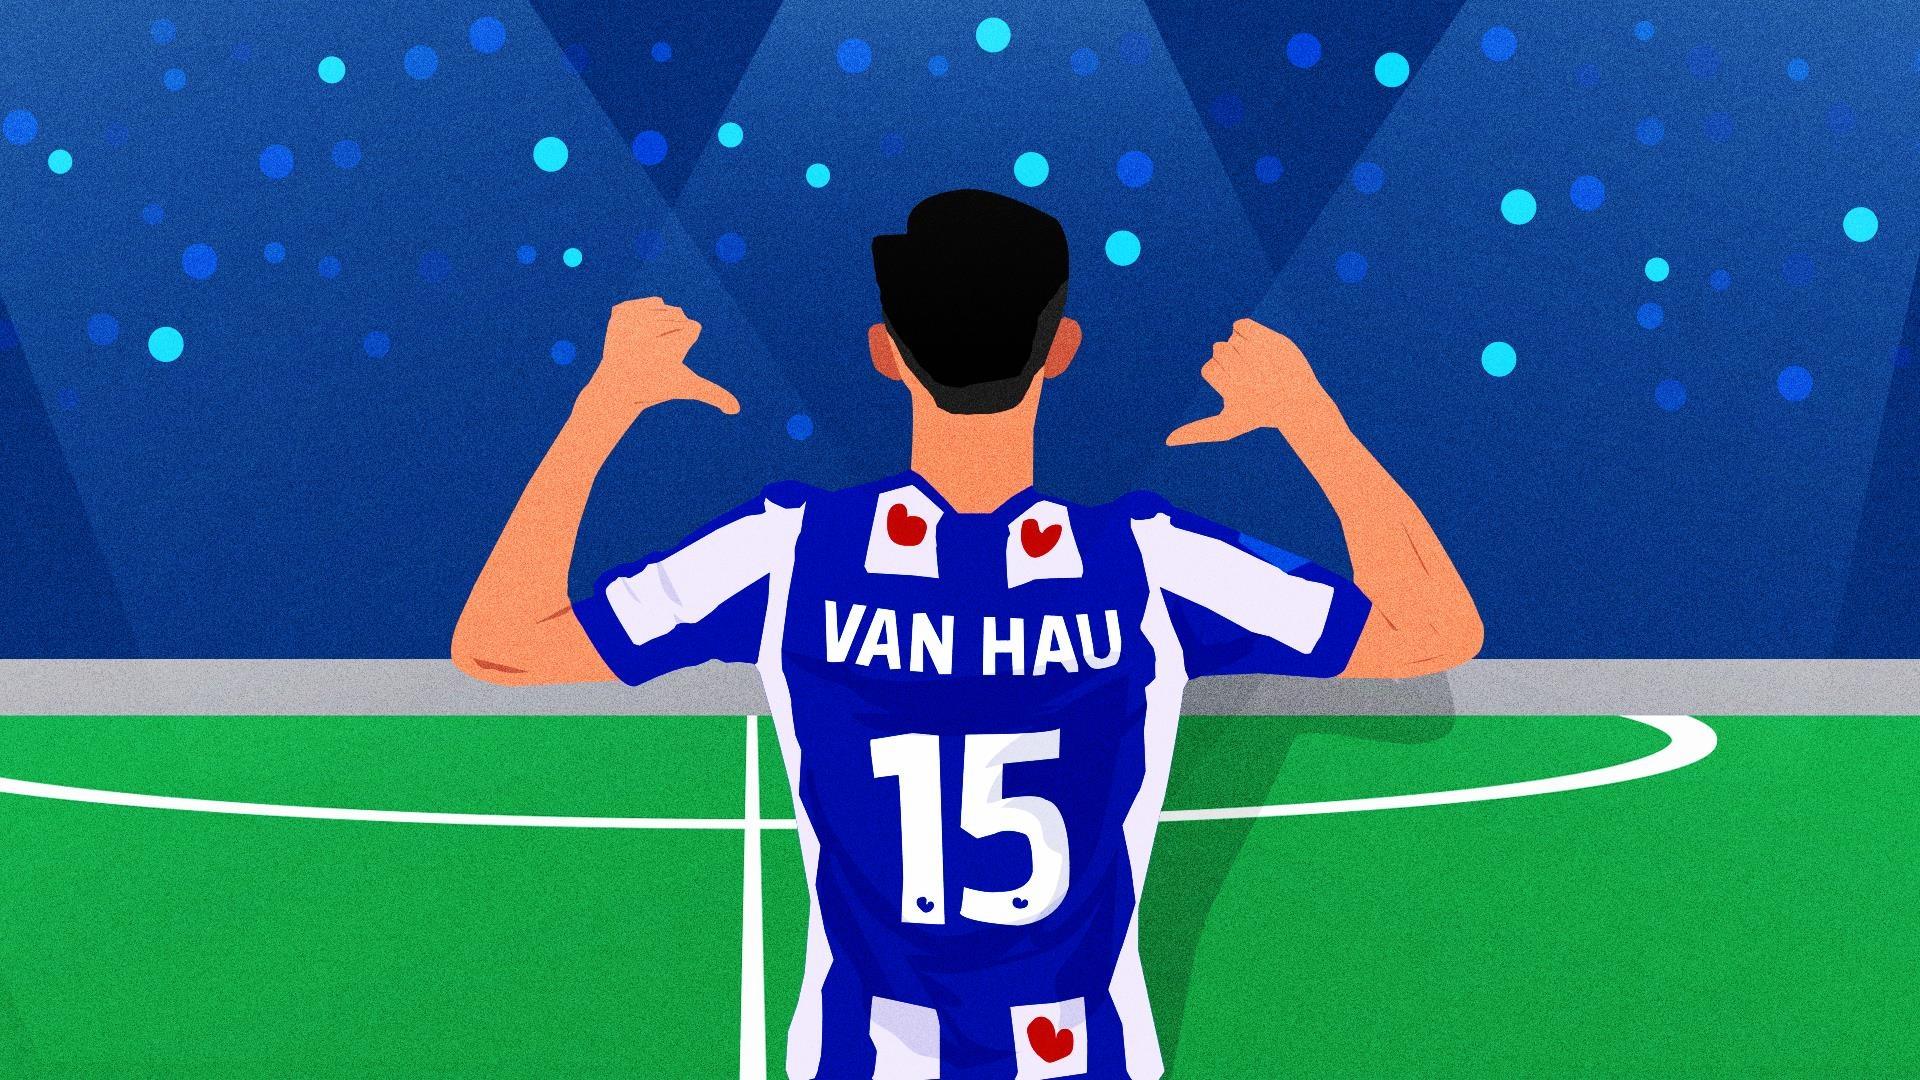 Van Hau sang Ha Lan cung nhung co may ma Cong Phuong khong co hinh anh 2